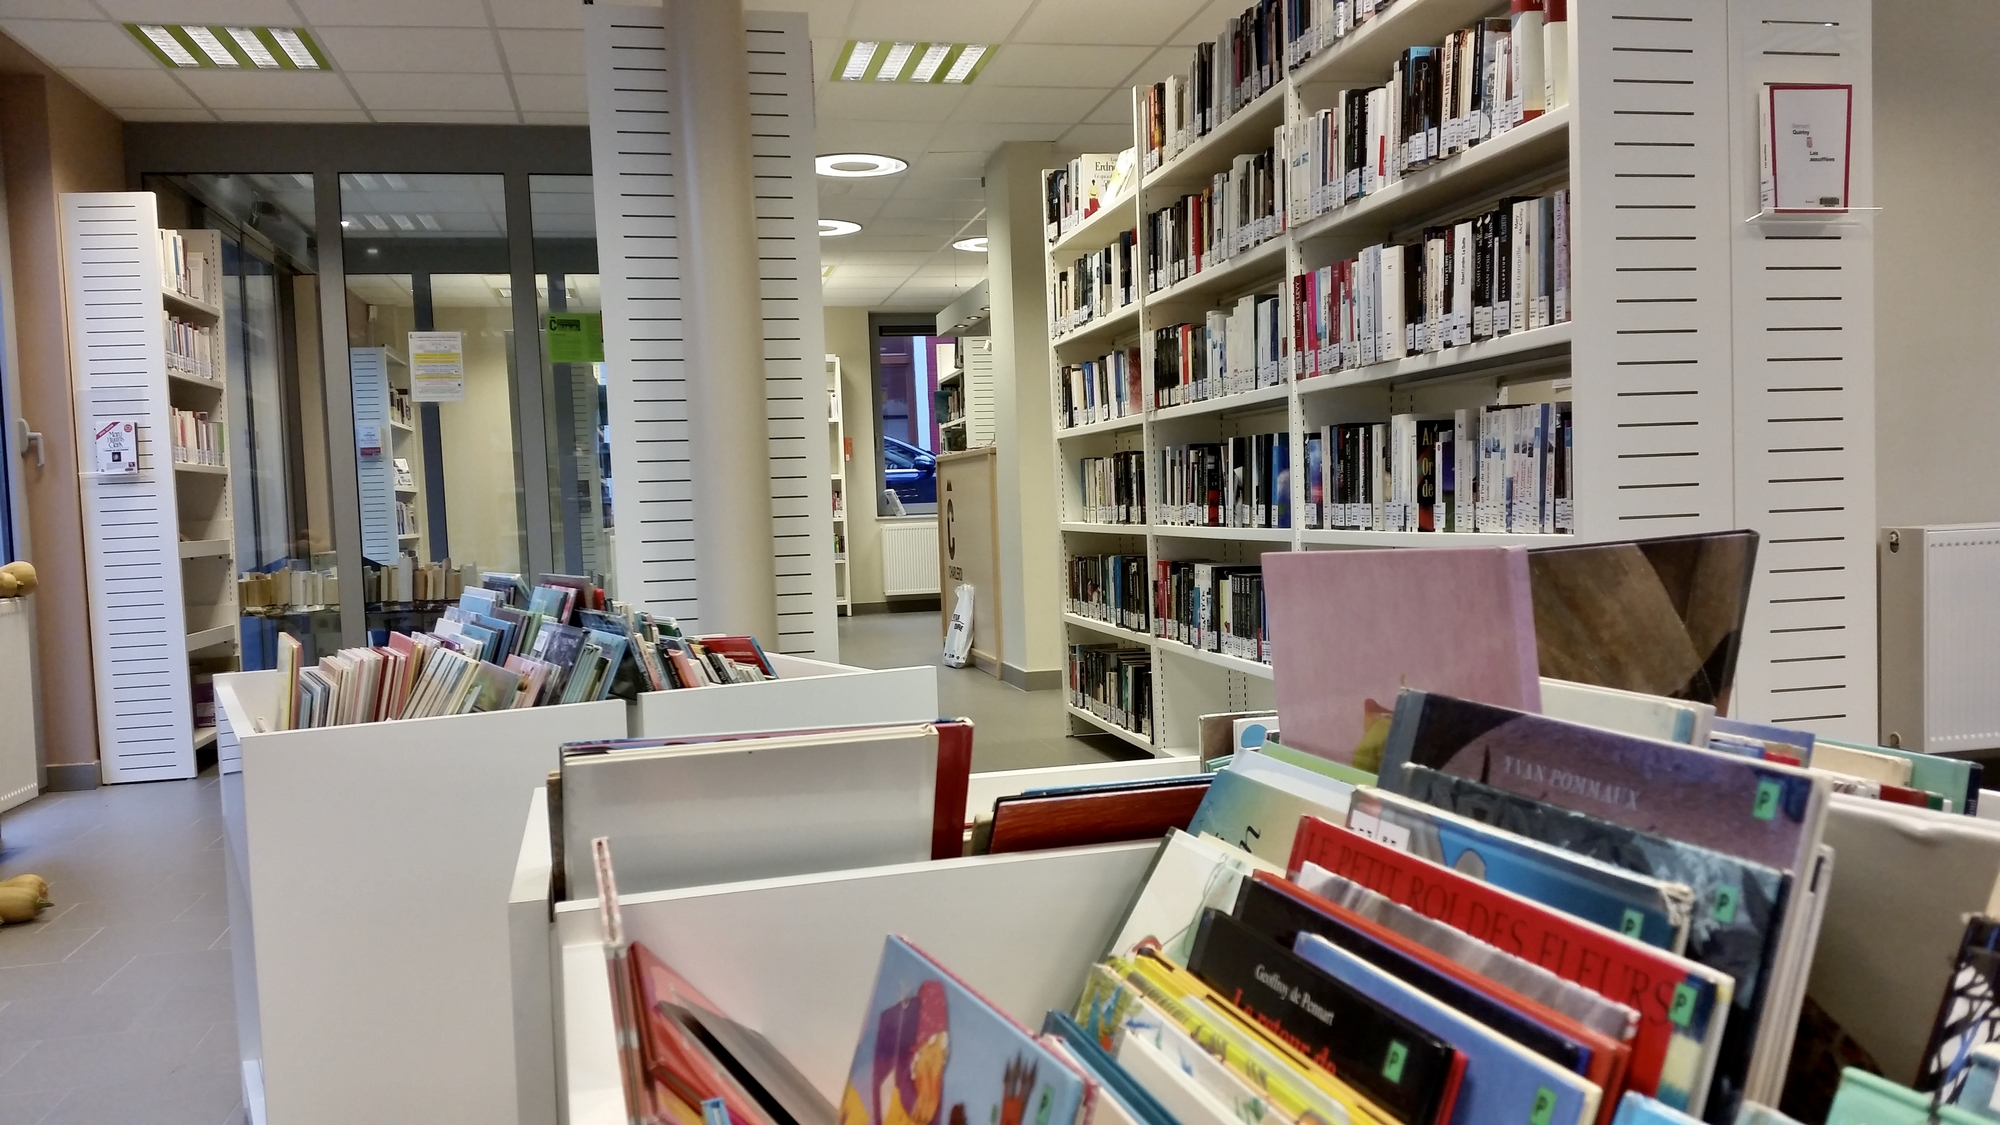 Rayonnages de la bibliothèque de Roux